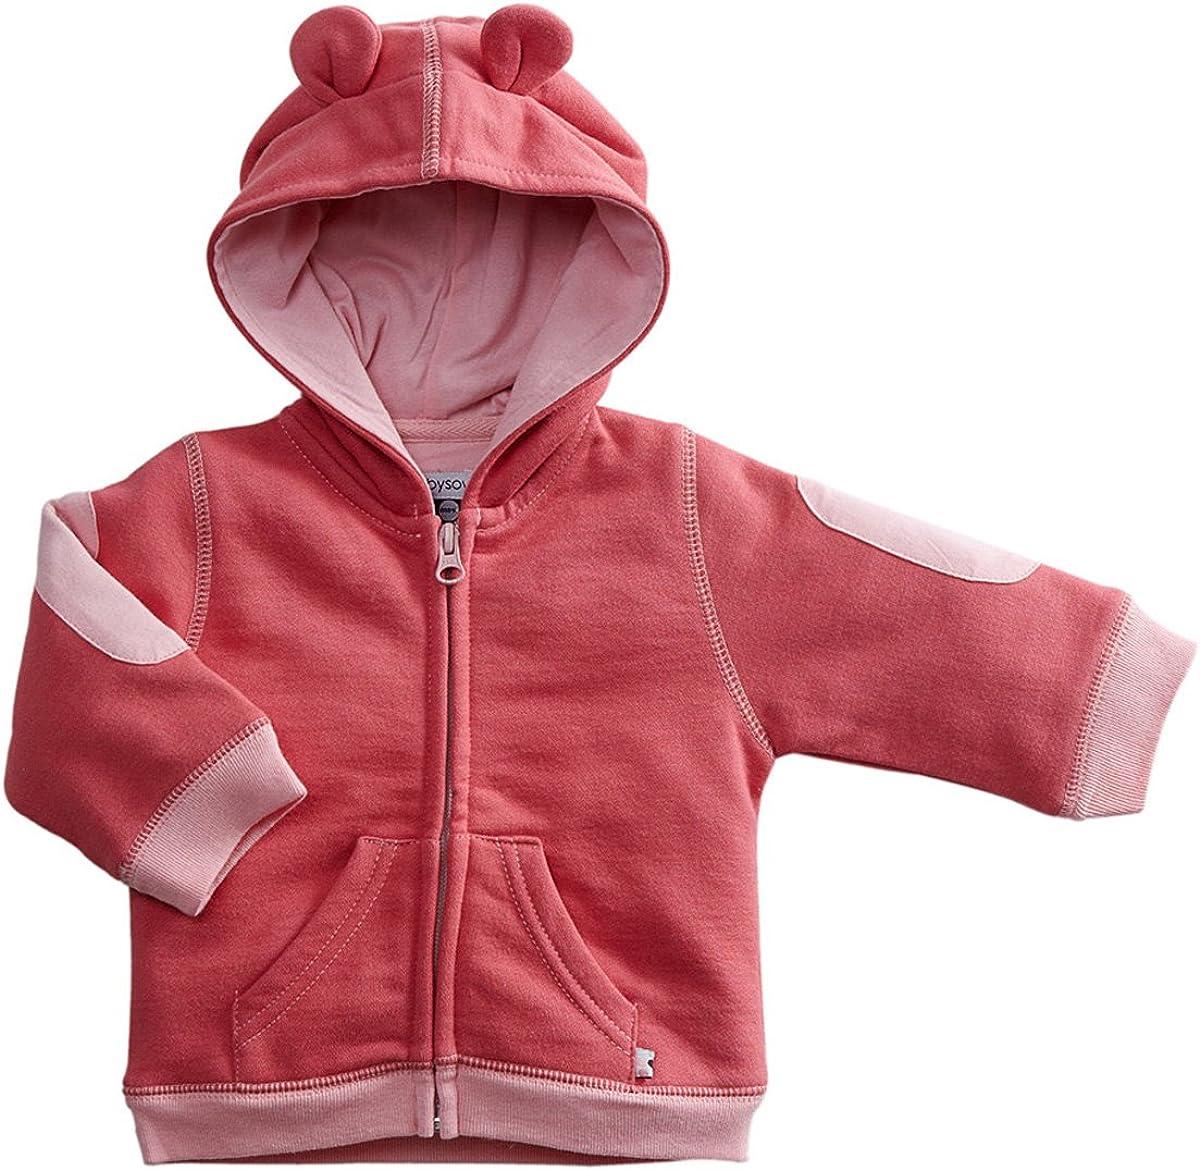 Babysoy Fleece Bunny Ear Zipper Hoodie Jacket Blossom 3T